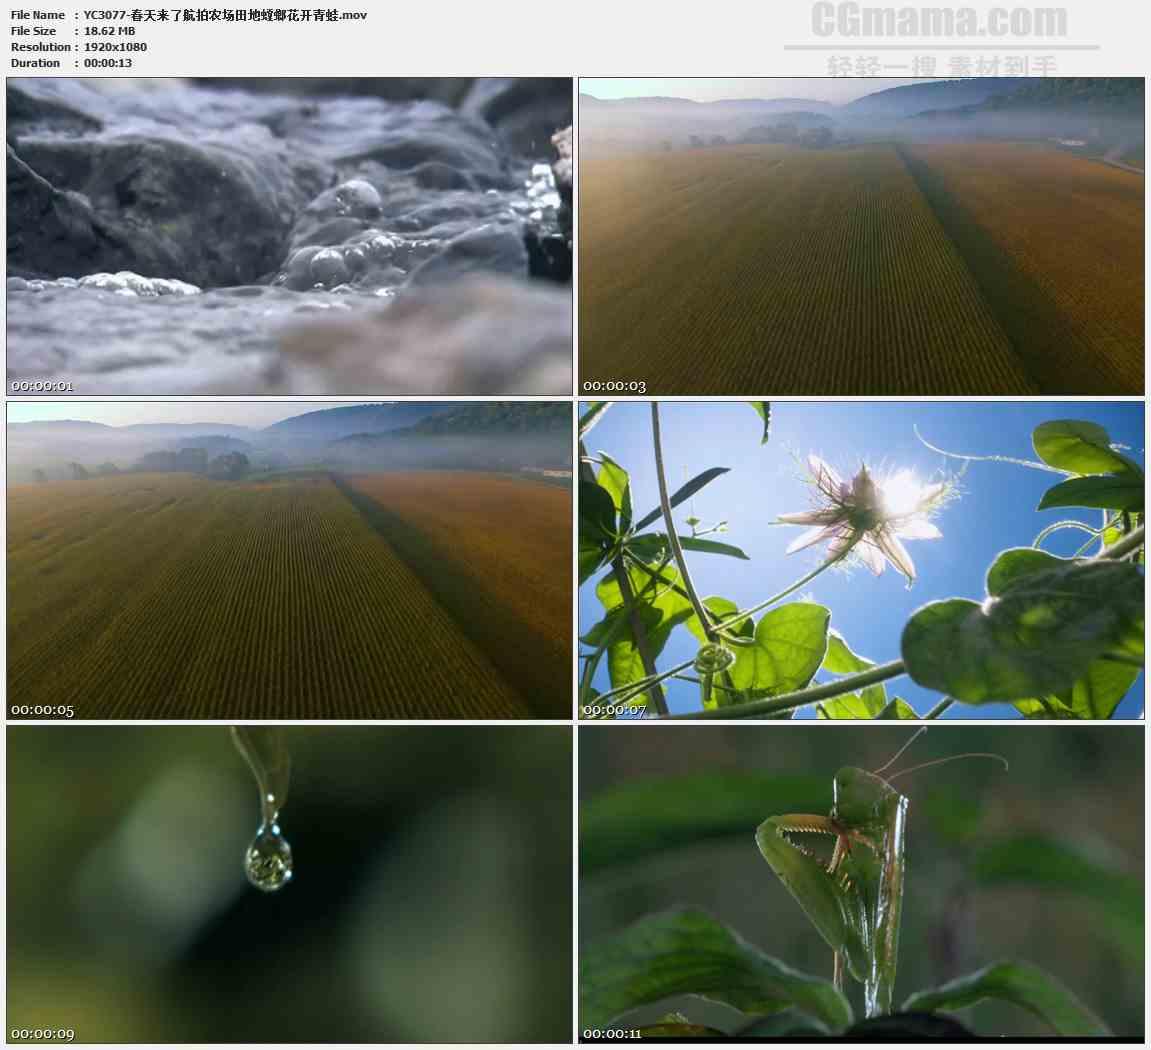 YC3077-春天来了航拍农场田地螳螂花开青蛙高清实拍视频素材